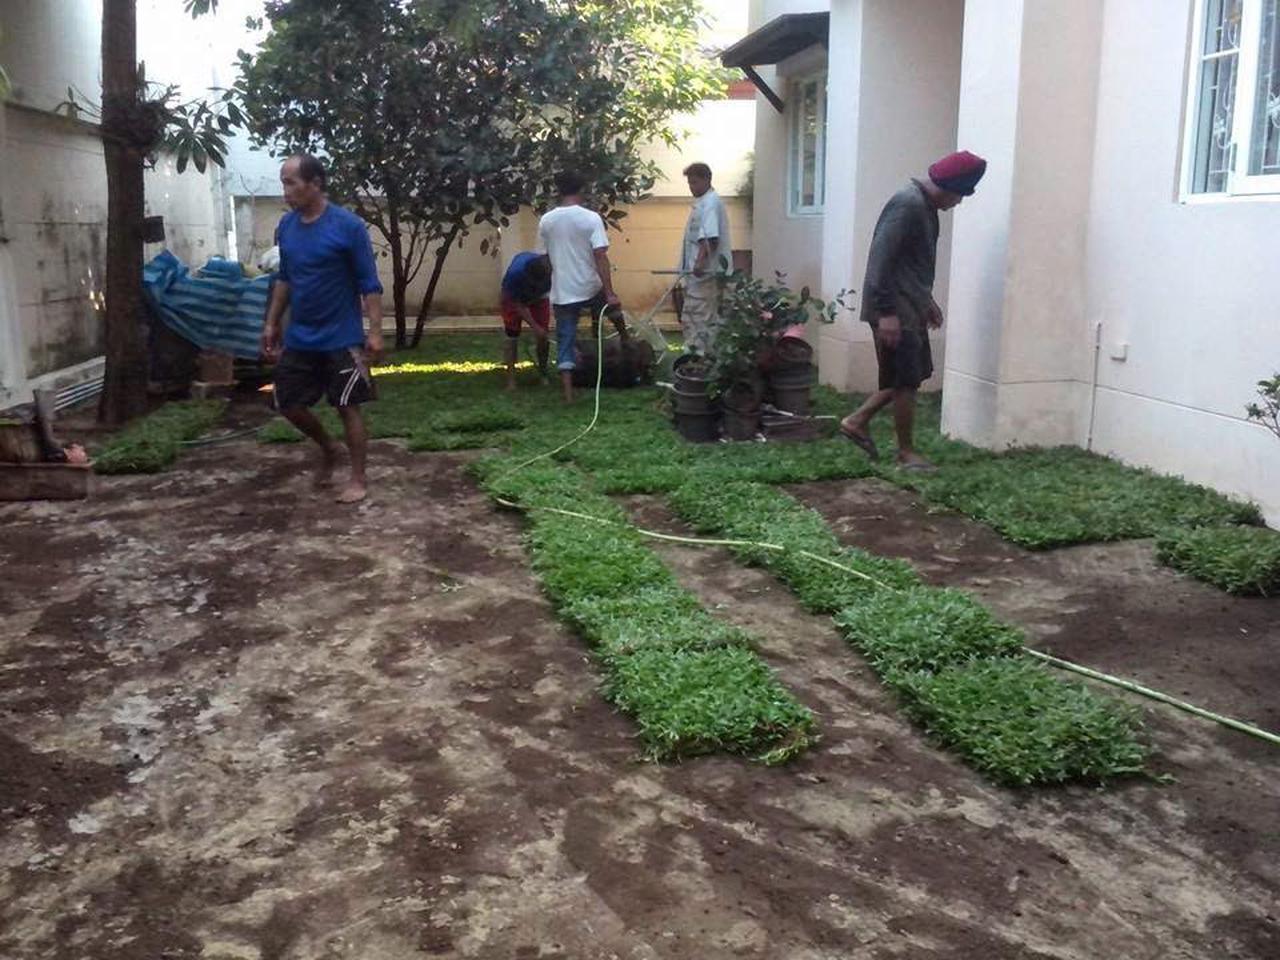 ขายหน้าดิน ถมที่ ถมดิน เสริมหน้าดิน สำหรับจัดสวน ปลูกหญ้า ปลูกต้นไม้ เกรดA ราคาถูก รูปที่ 3